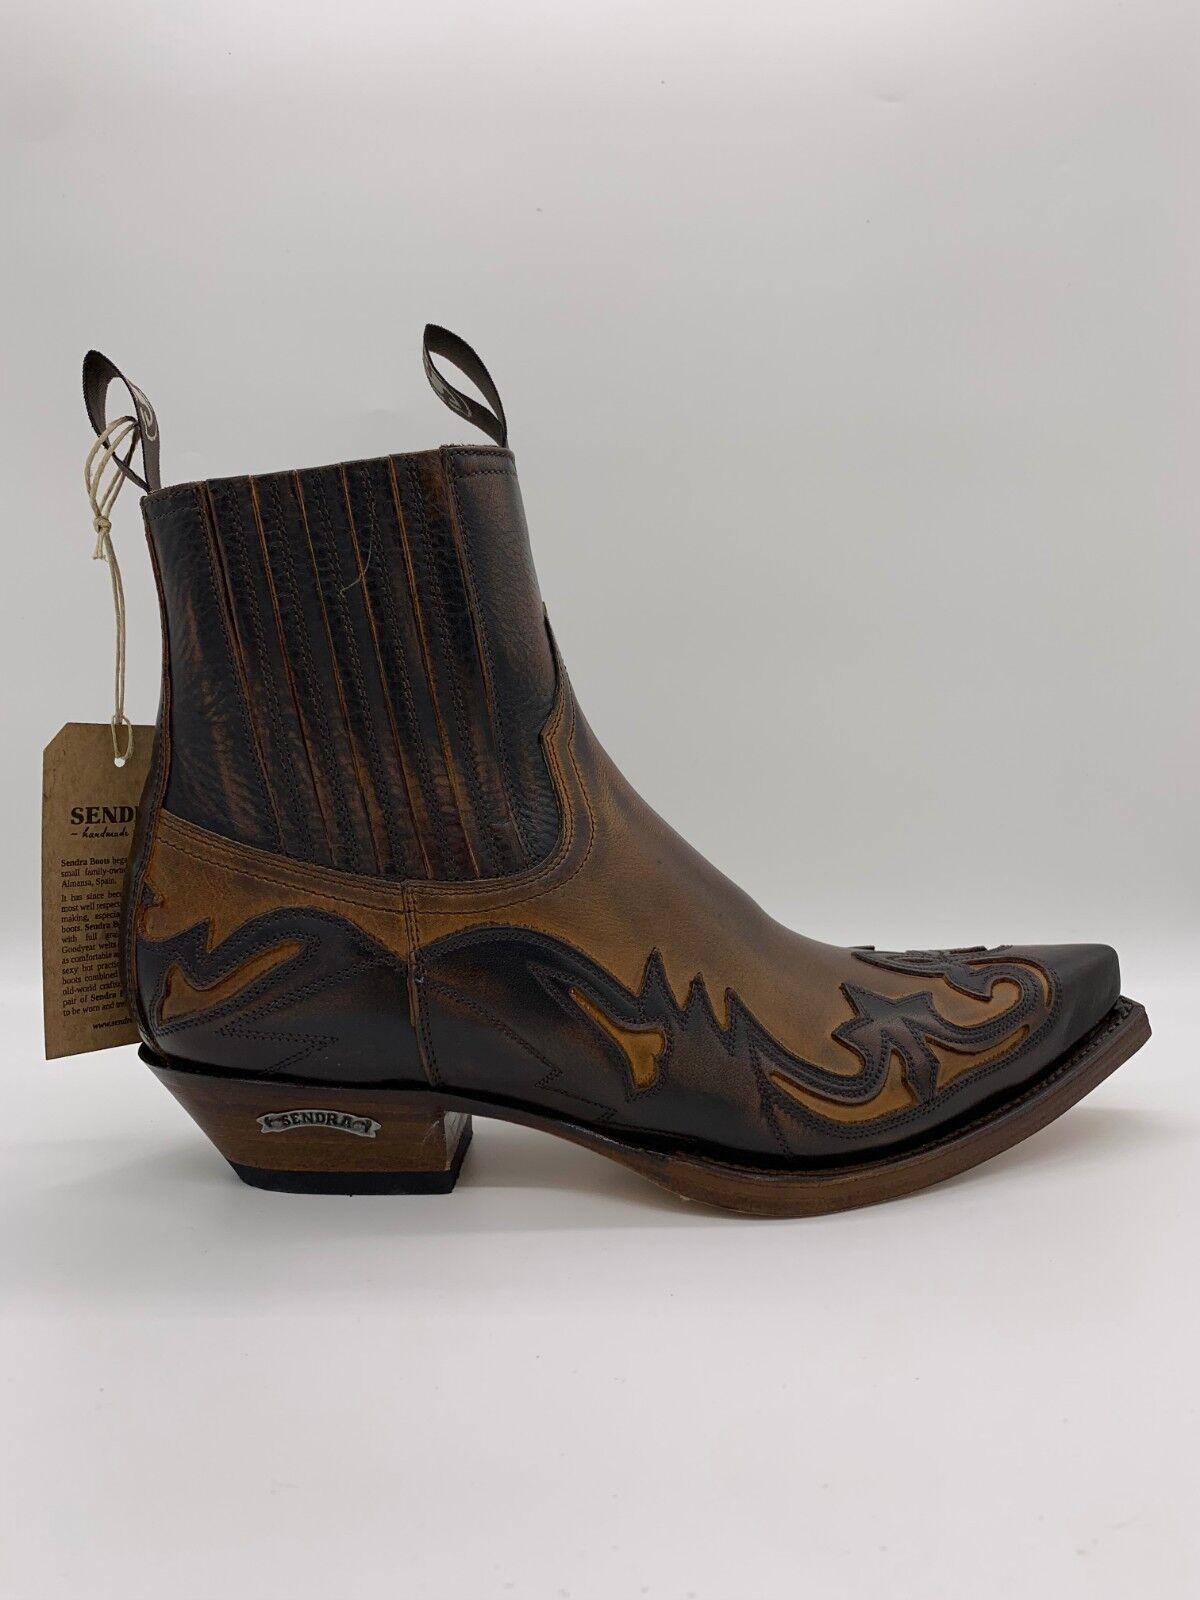 Sendra Stiefel Western Stiefelette Cowboystiefel Biker Boots inkl. Stiefelknecht